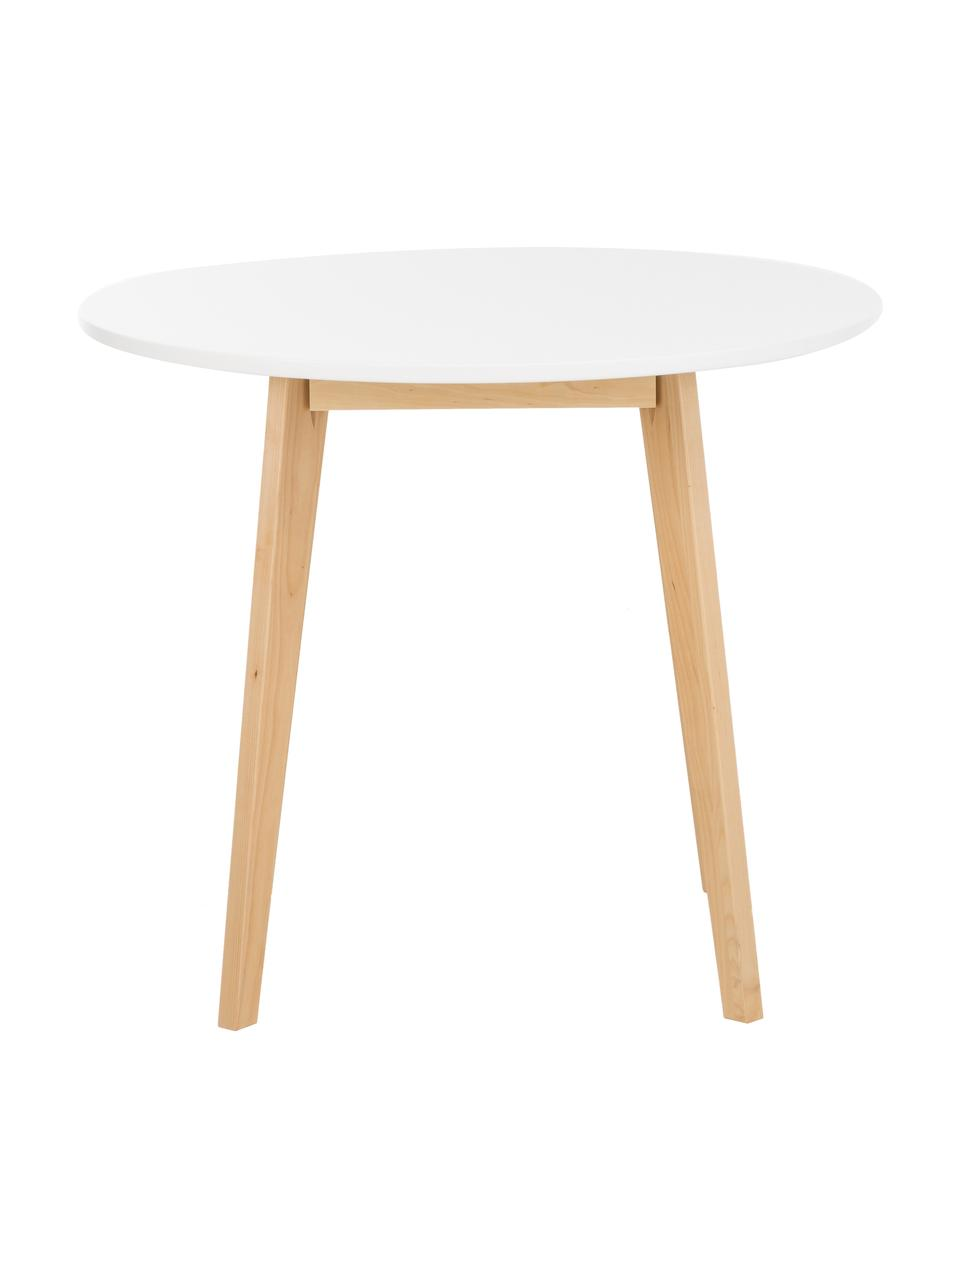 Tavolo rotondo in legno di betulla Raven, Ø90 cm, Gambe: legno di betulla, finitur, Piano d'appoggio: pannello di fibra a media, Bianco, legno di betulla, finitura naturale, Ø 90 x Alt. 76 cm